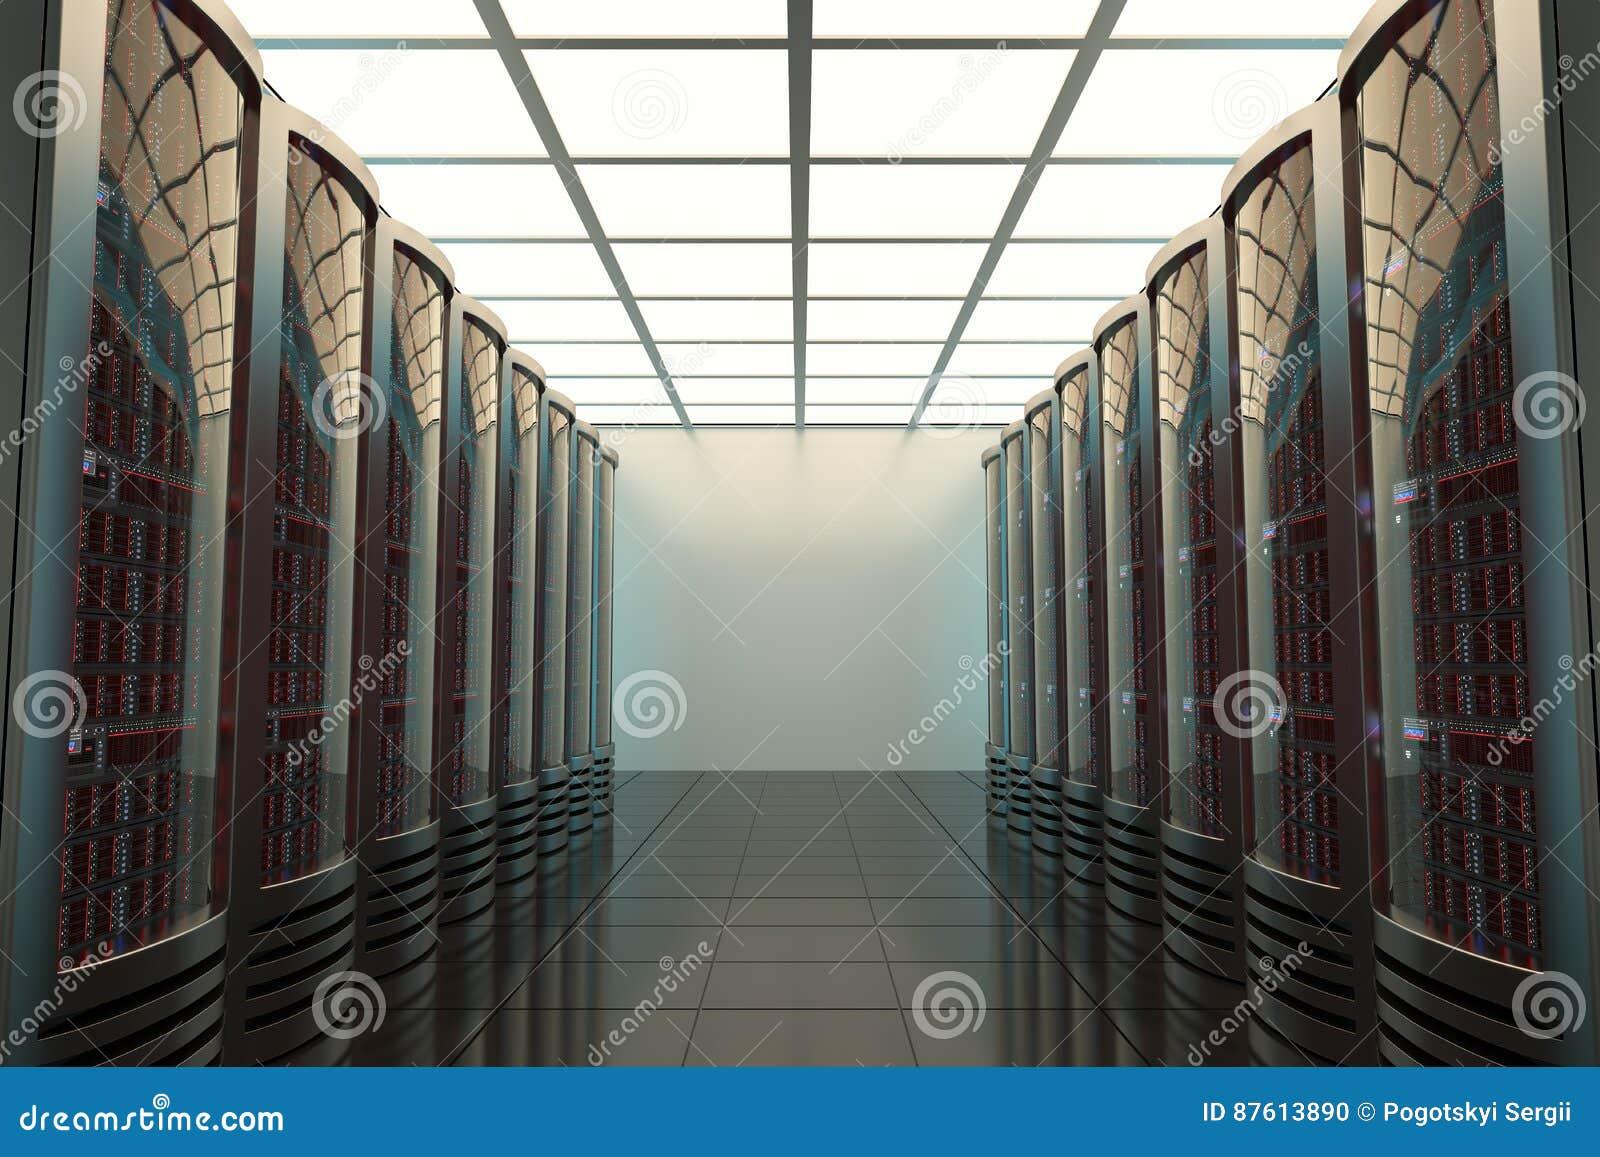 Комната сервера, радиосвязи, защита данных, 3d